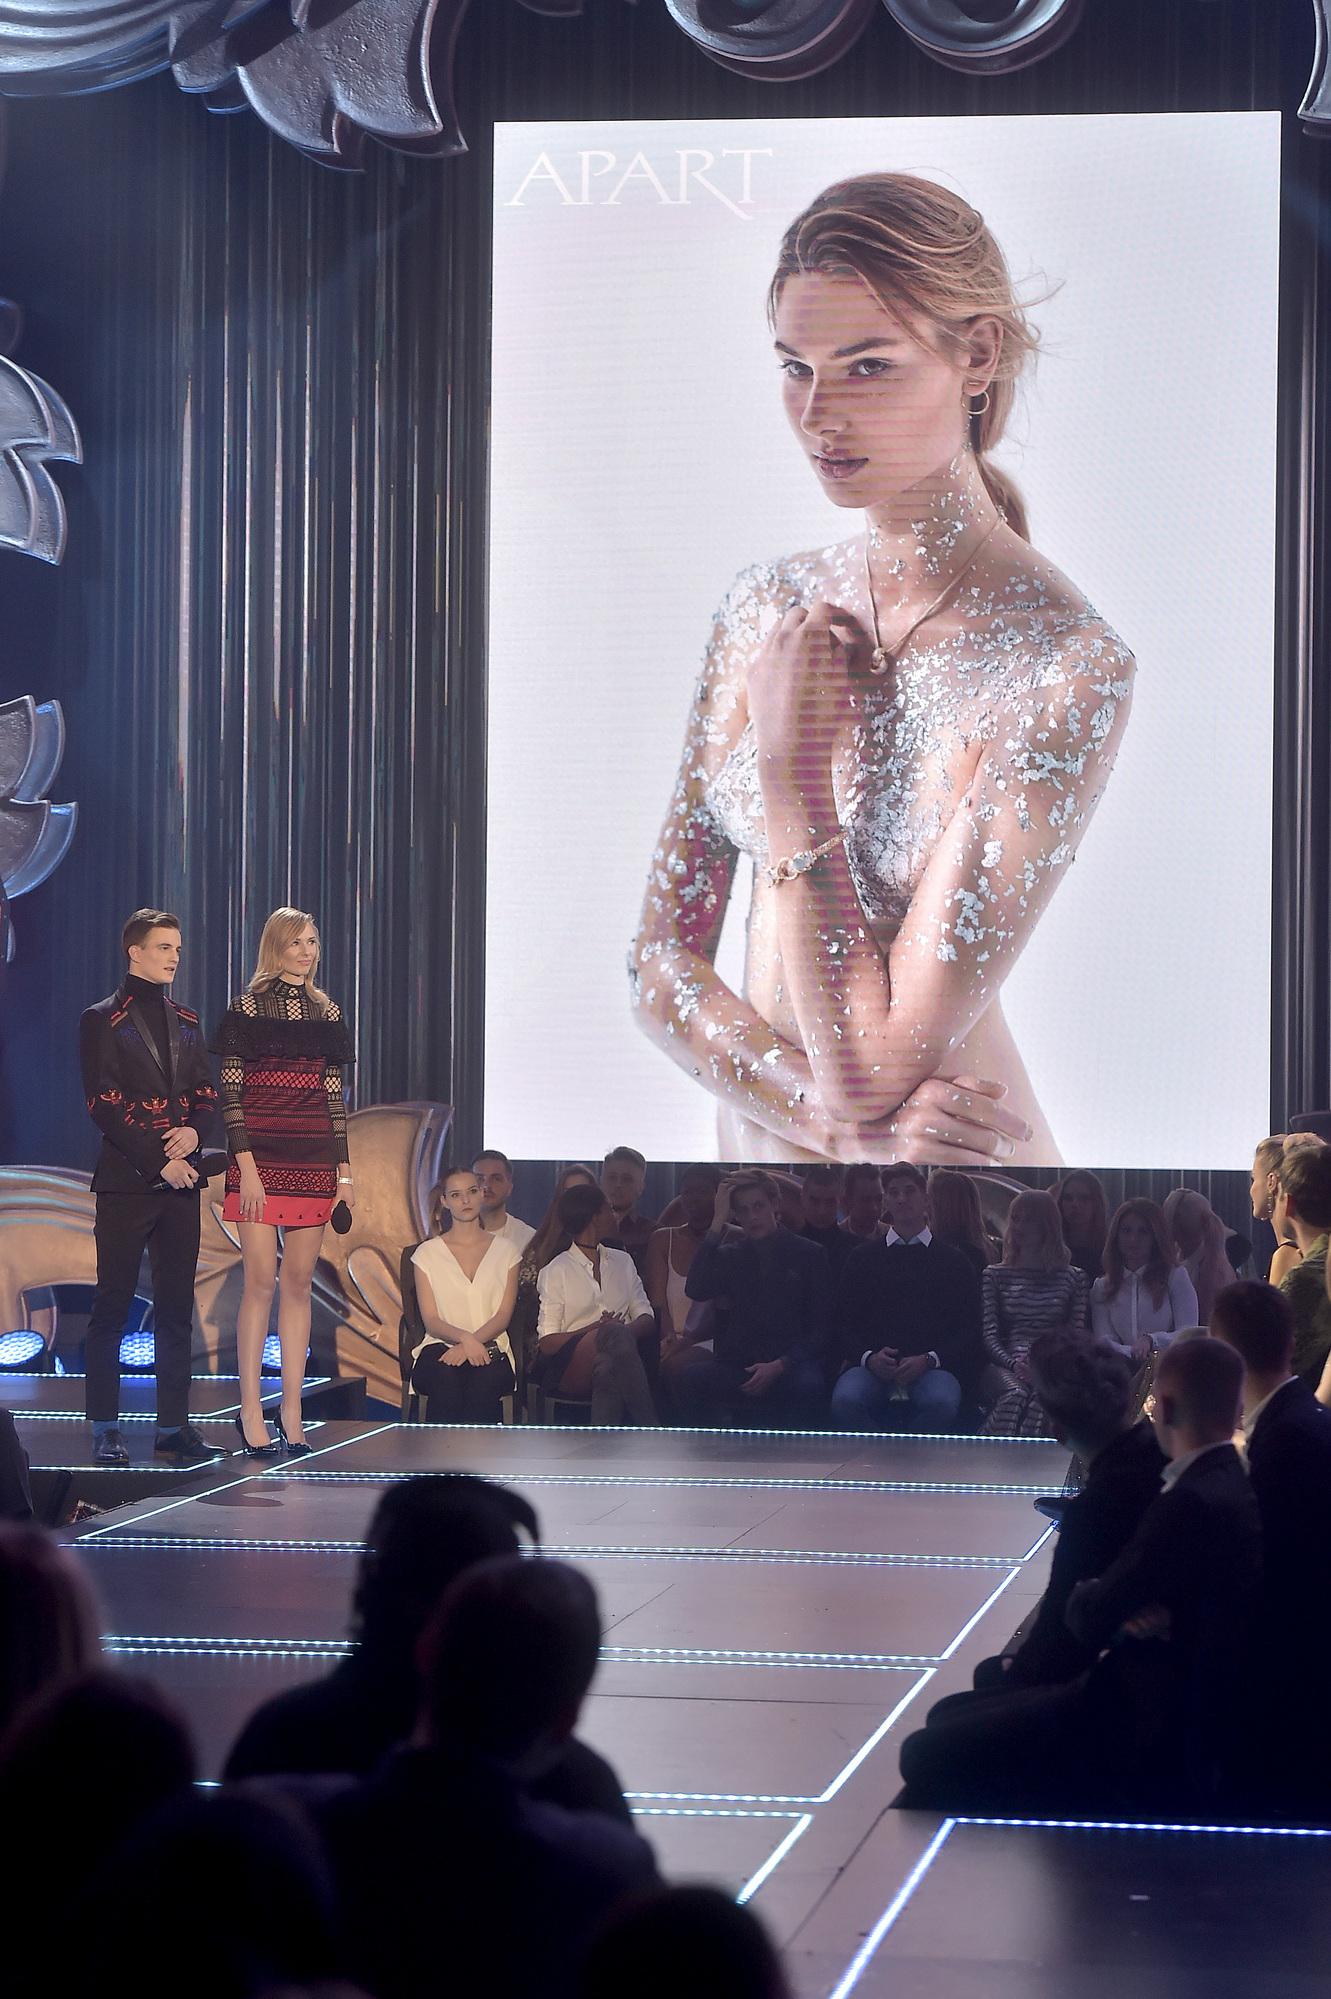 Uczestniczka Top Model - Ewa Niespodziana zdradziła nam, że JEST W CIĄŻY?!